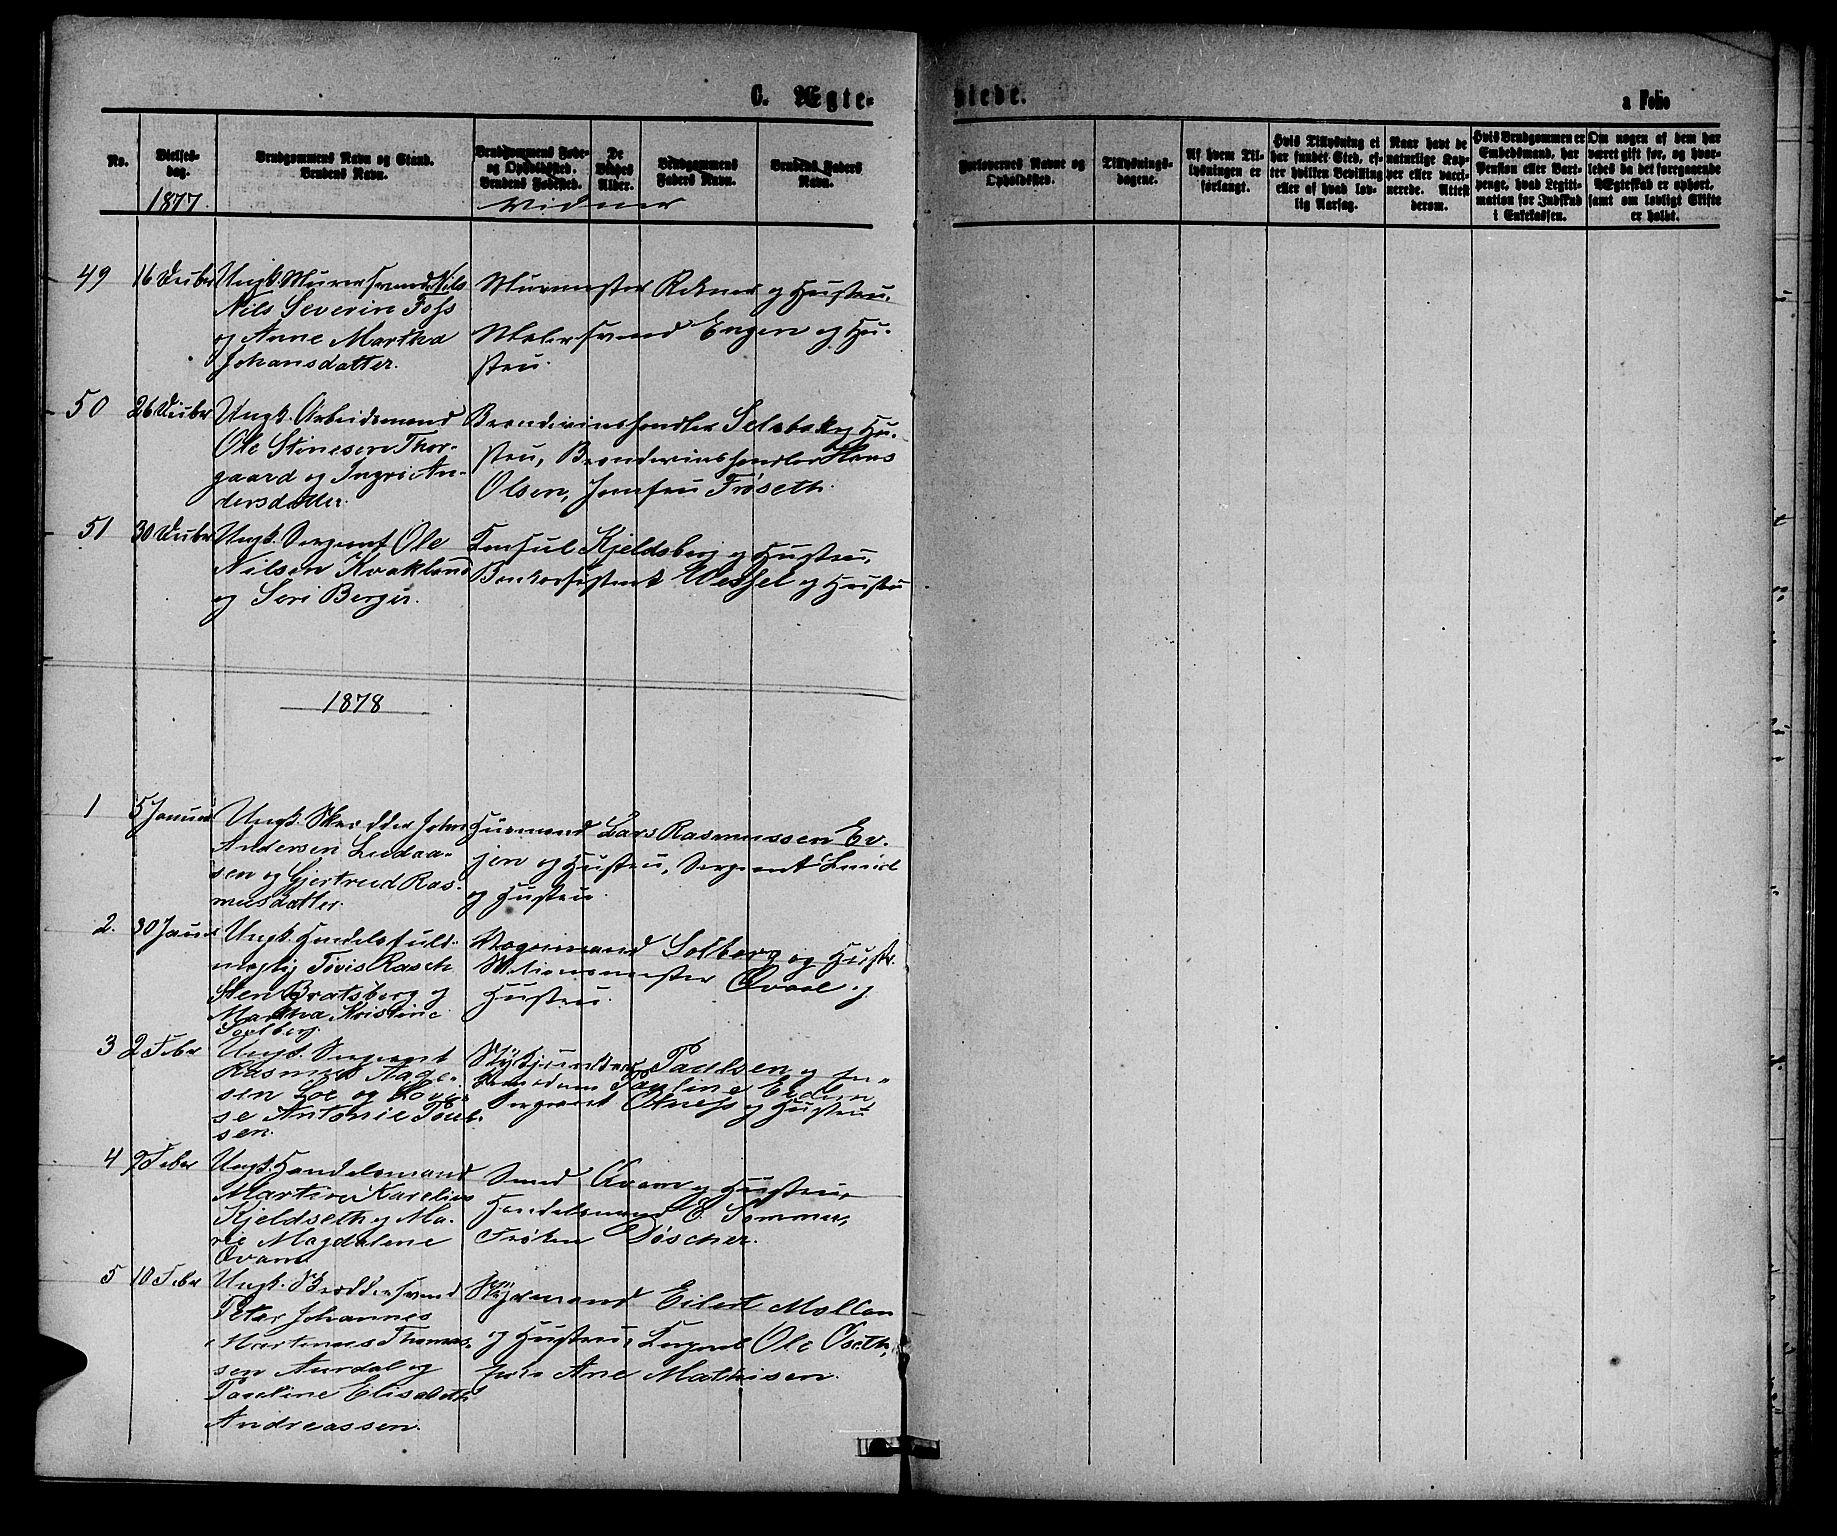 SAT, Ministerialprotokoller, klokkerbøker og fødselsregistre - Sør-Trøndelag, 601/L0088: Klokkerbok nr. 601C06, 1870-1878, s. 251o